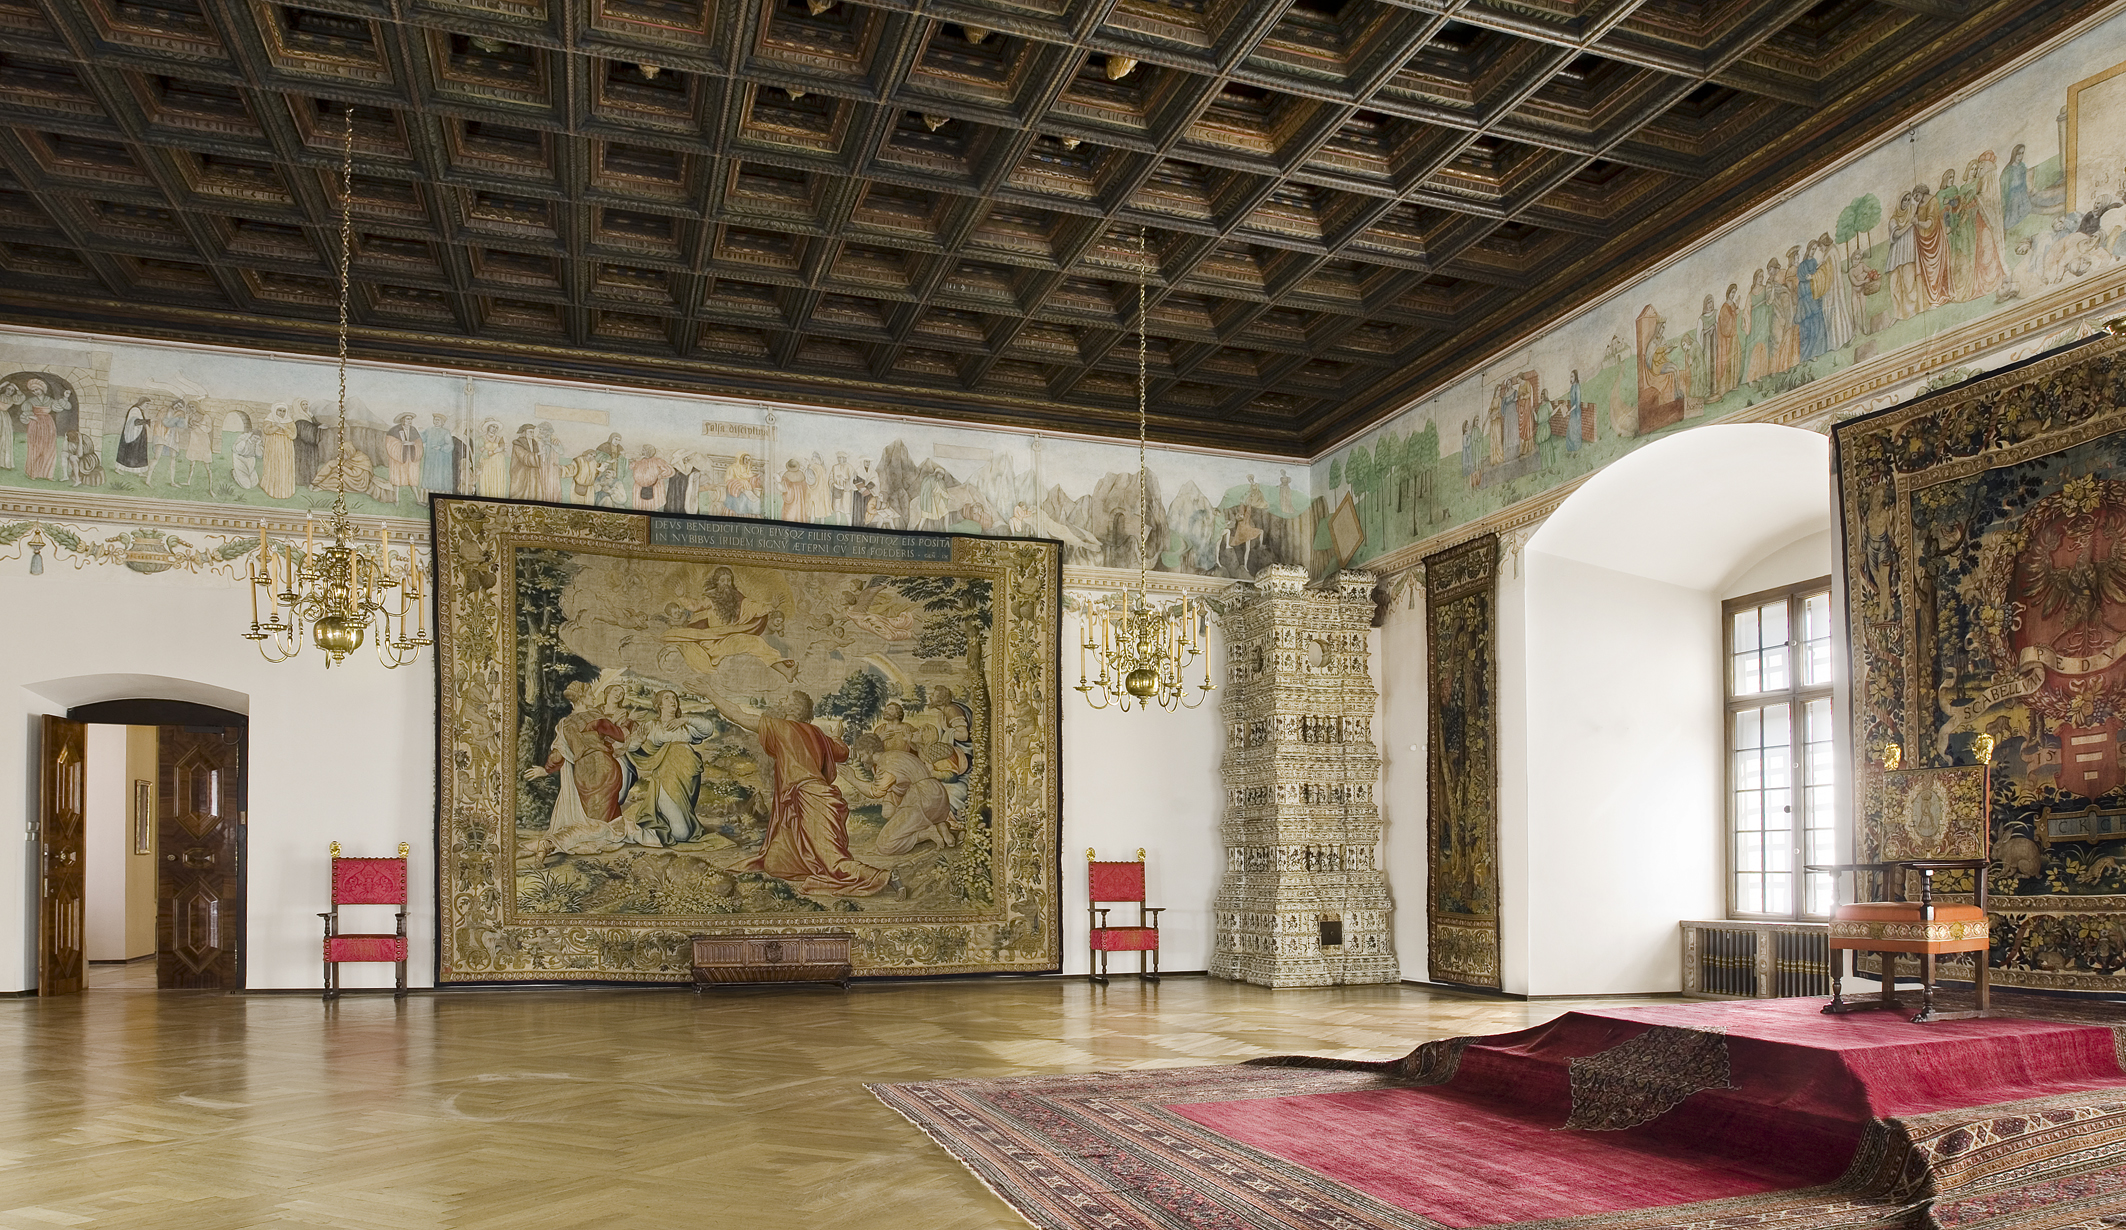 Zamki w Polsce: Zamek Królewski na Wawelu, Sala Poselska